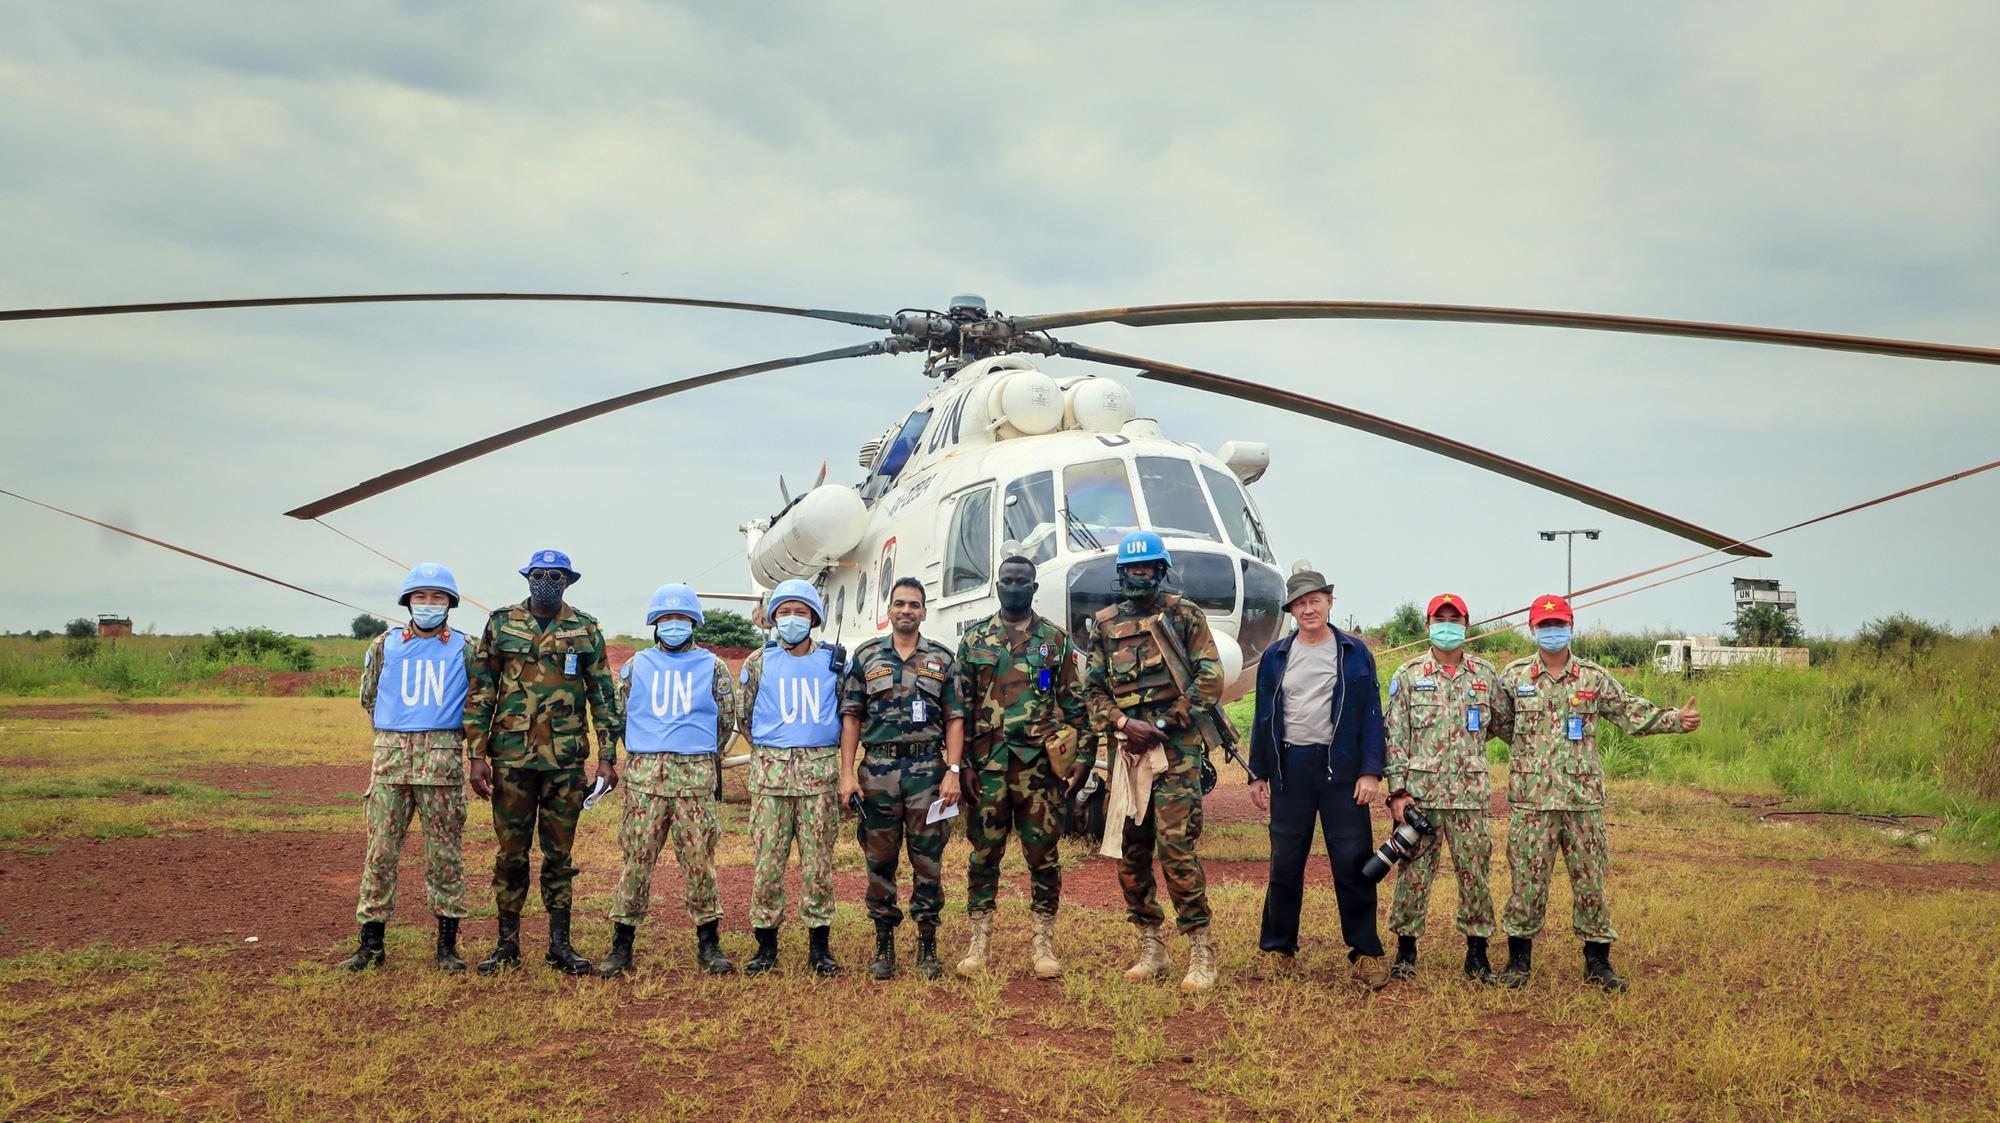 CLIP: Cận cảnh bệnh viện mũ nồi xanh cấp cứu, vận chuyển bệnh nhân lên trực thăng - Ảnh 2.